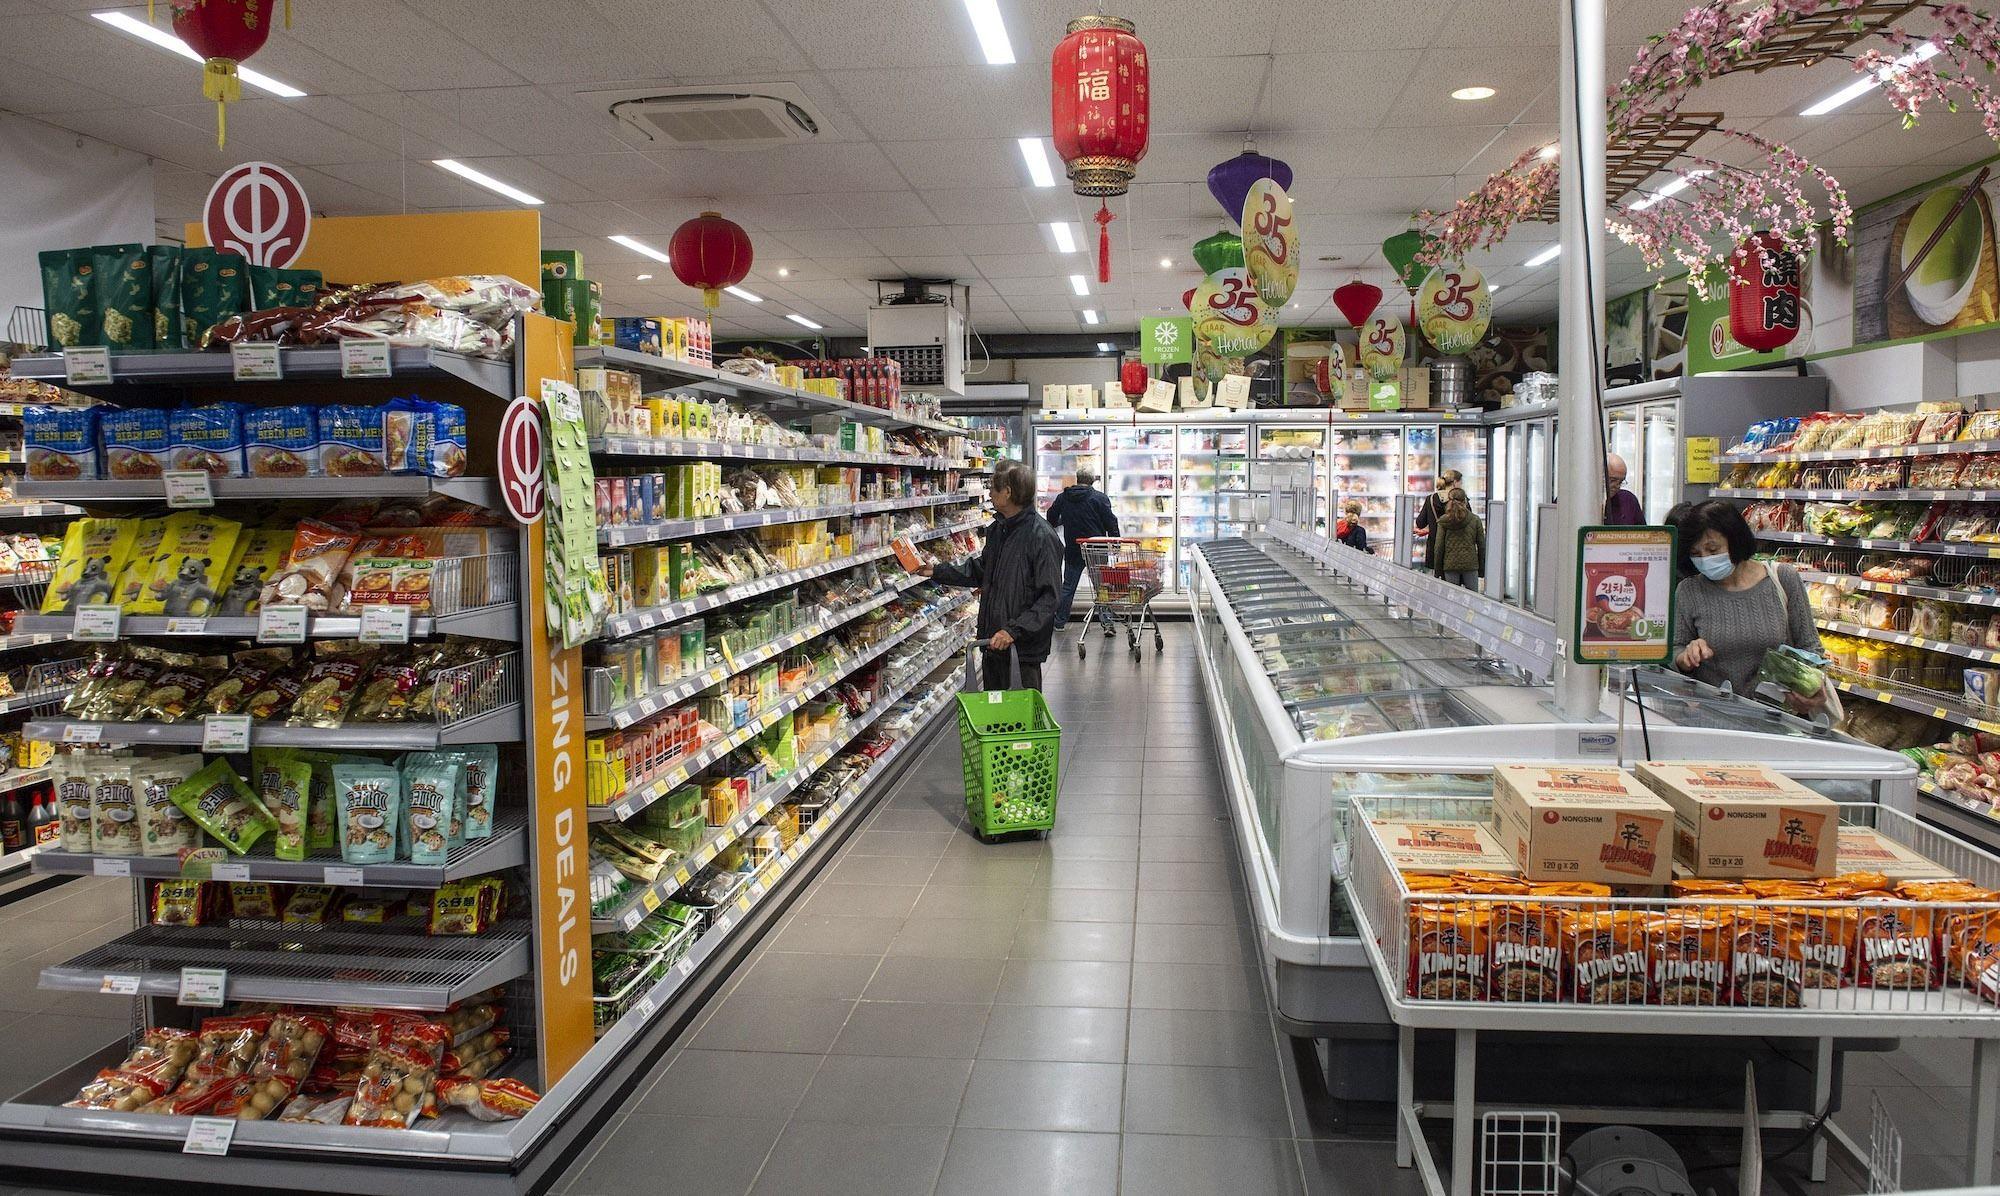 Buitenlandse supermarkt mazing oriental prijzen retail